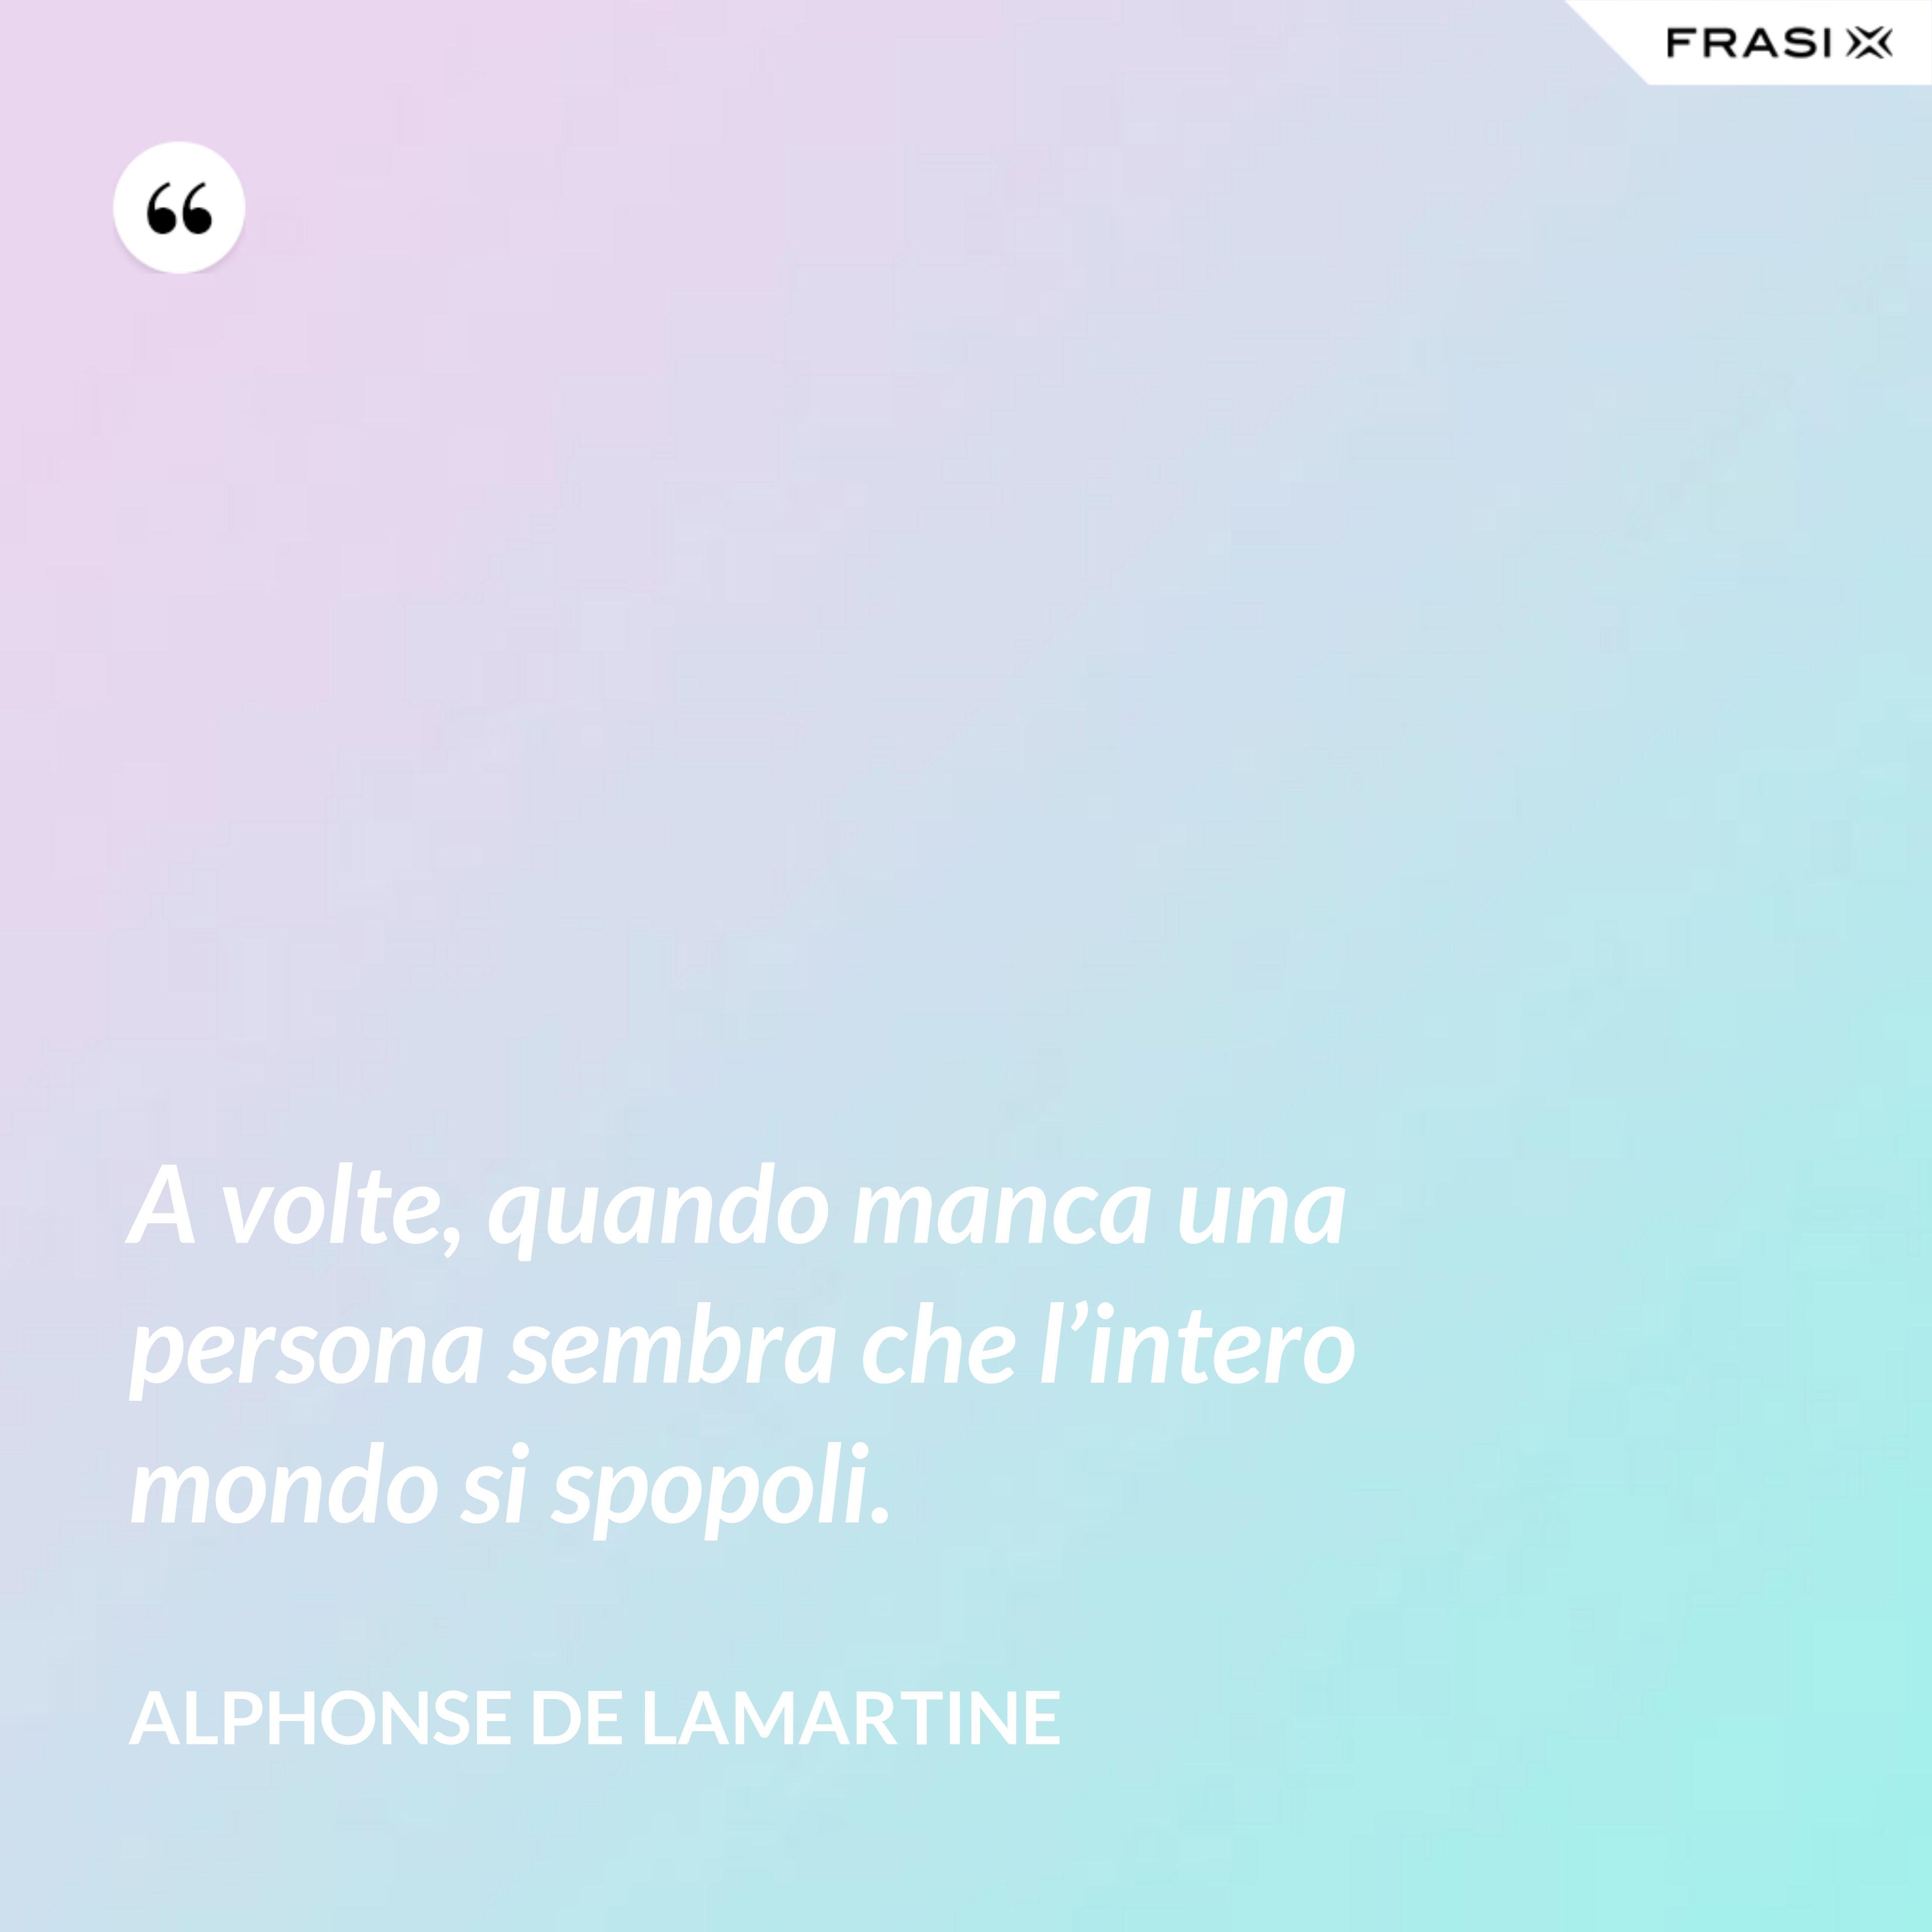 A volte, quando manca una persona sembra che l'intero mondo si spopoli. - Alphonse de Lamartine